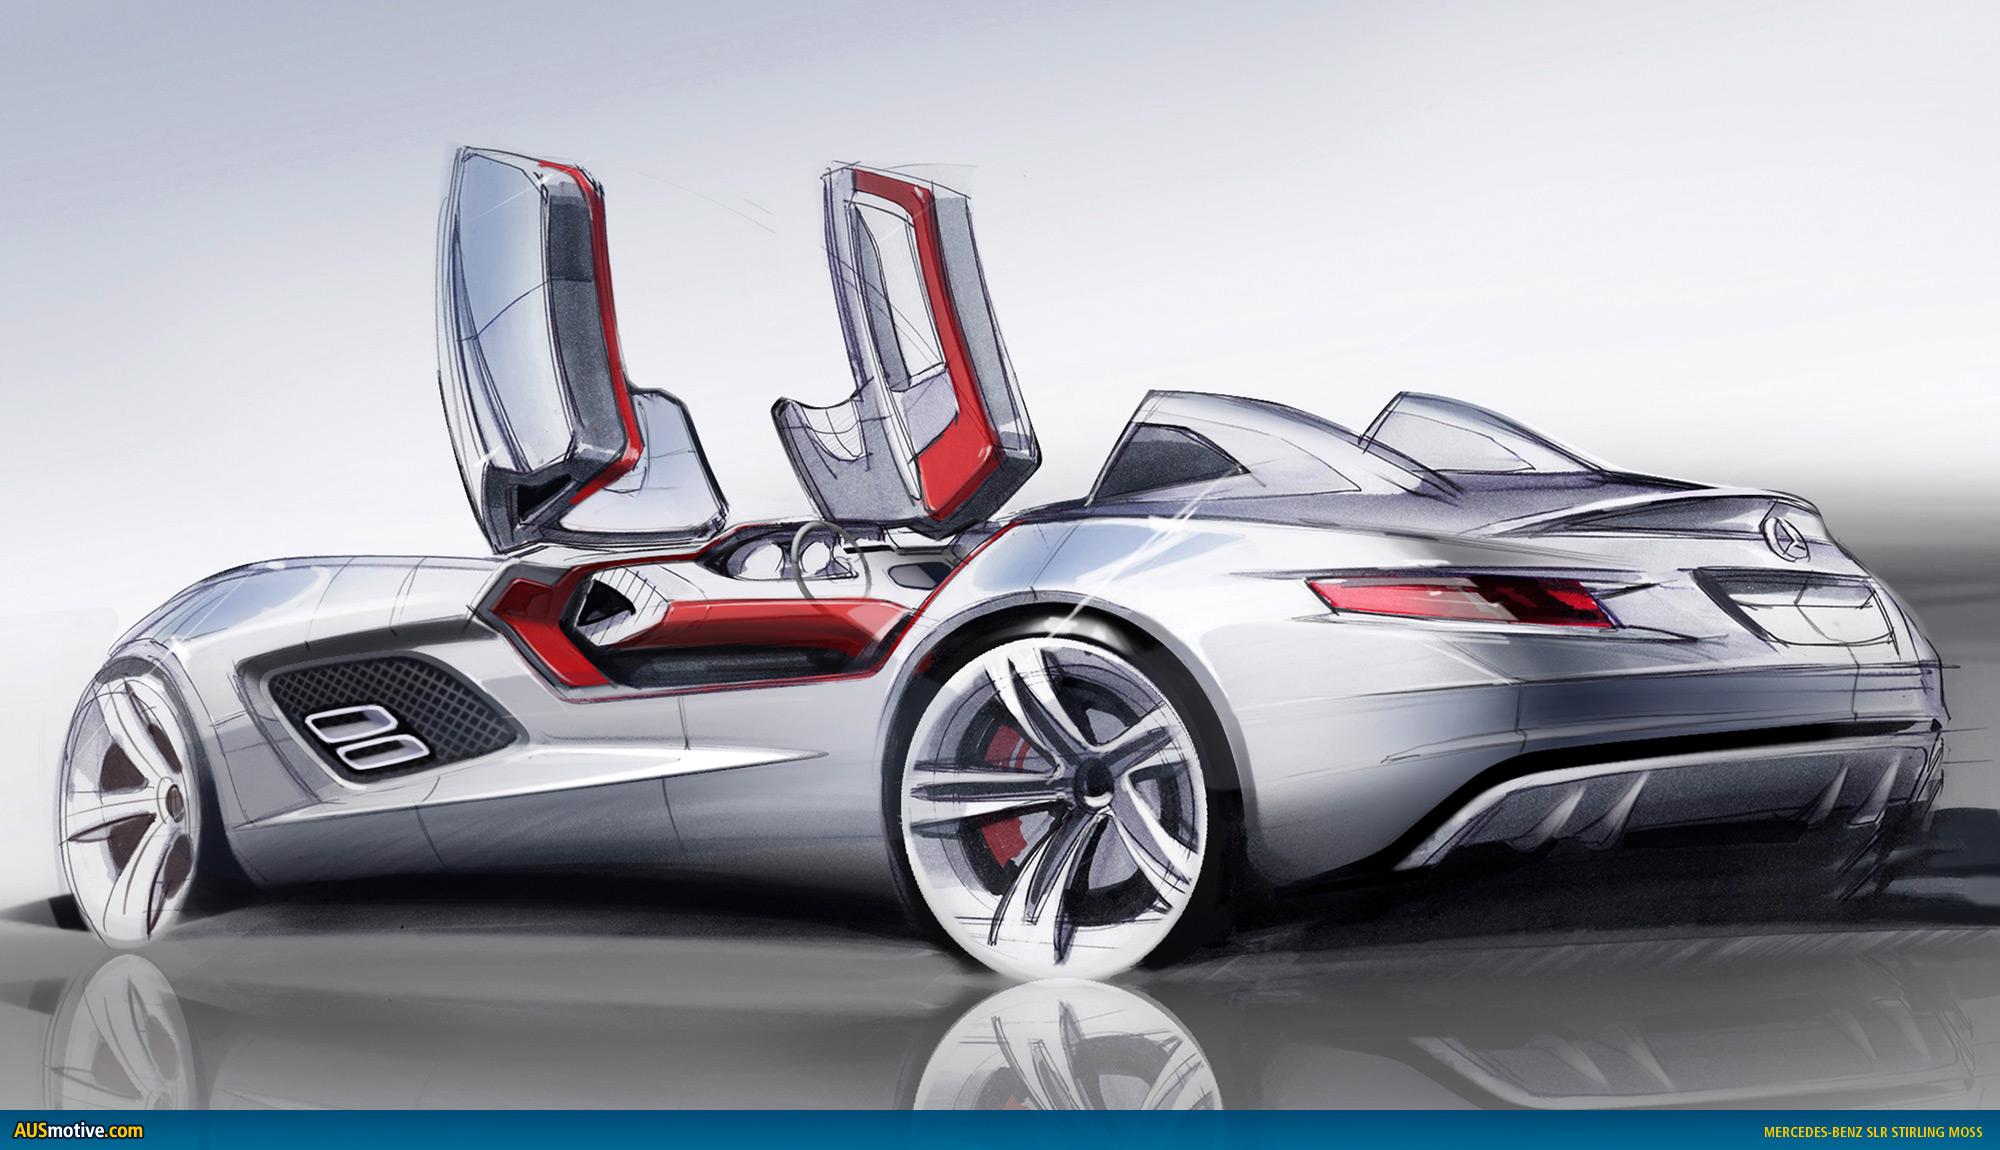 AUSmotive.com » Mercedes-Benz SLR Stirling Moss